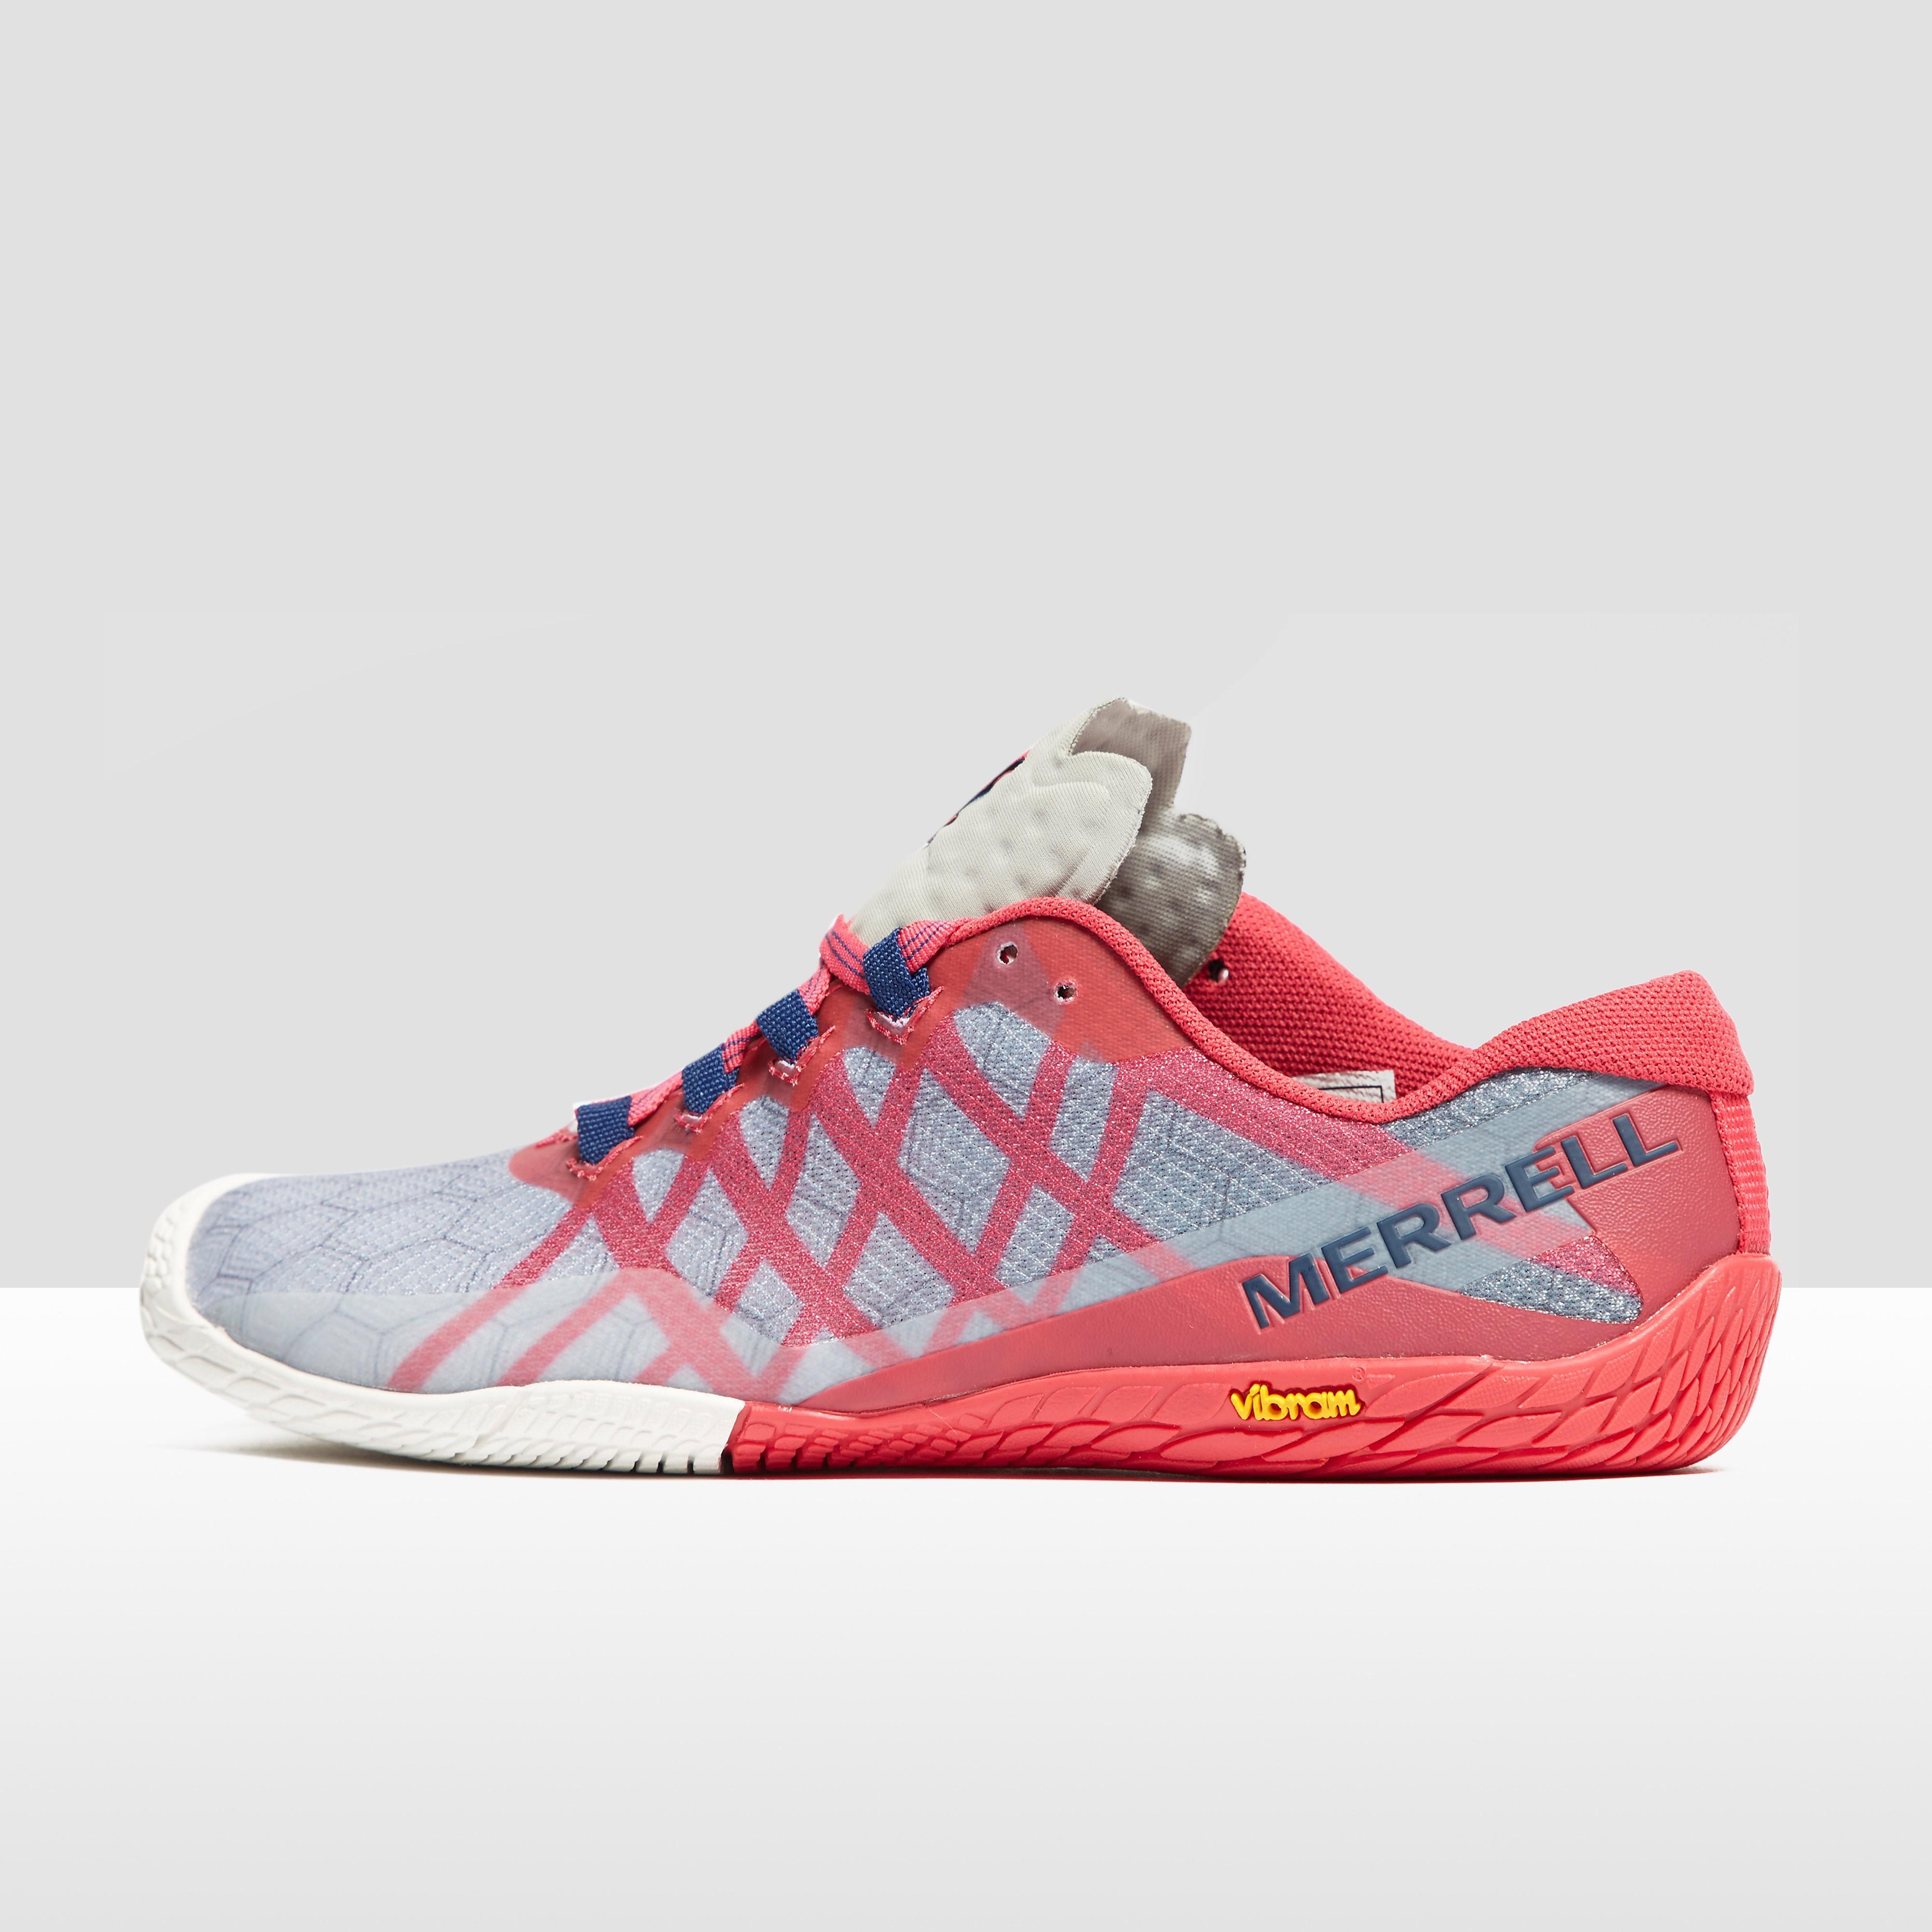 Merrell Vapour Glove 3 Women's Running Shoes